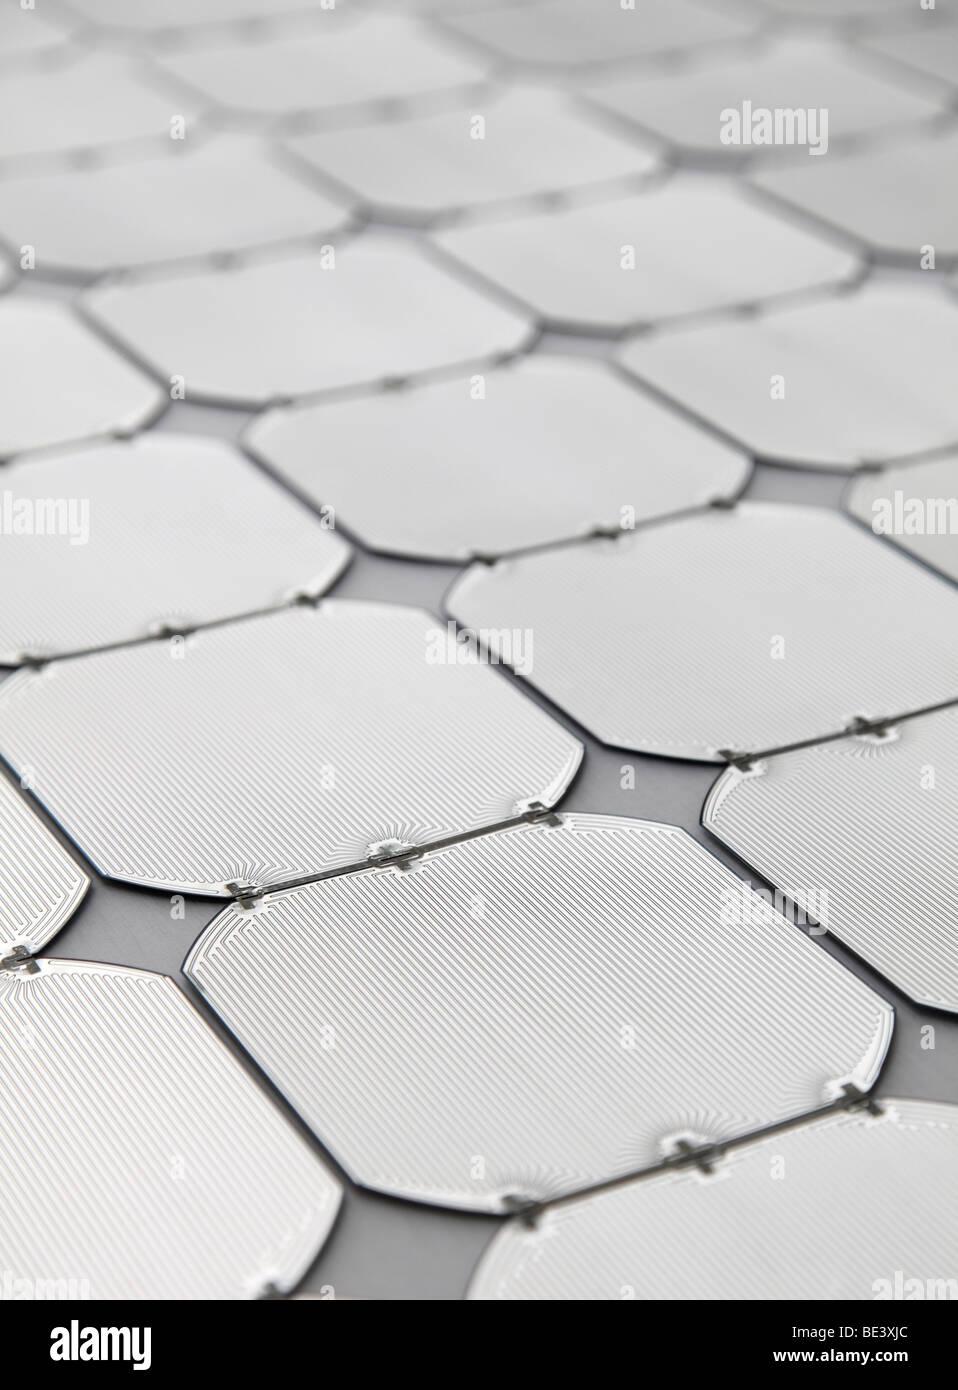 Solon SE: Produktion von Sonnenkollektoren. Elektrische Schaltungen auf Solarzellen, BERLIN, Deutschland Stockbild